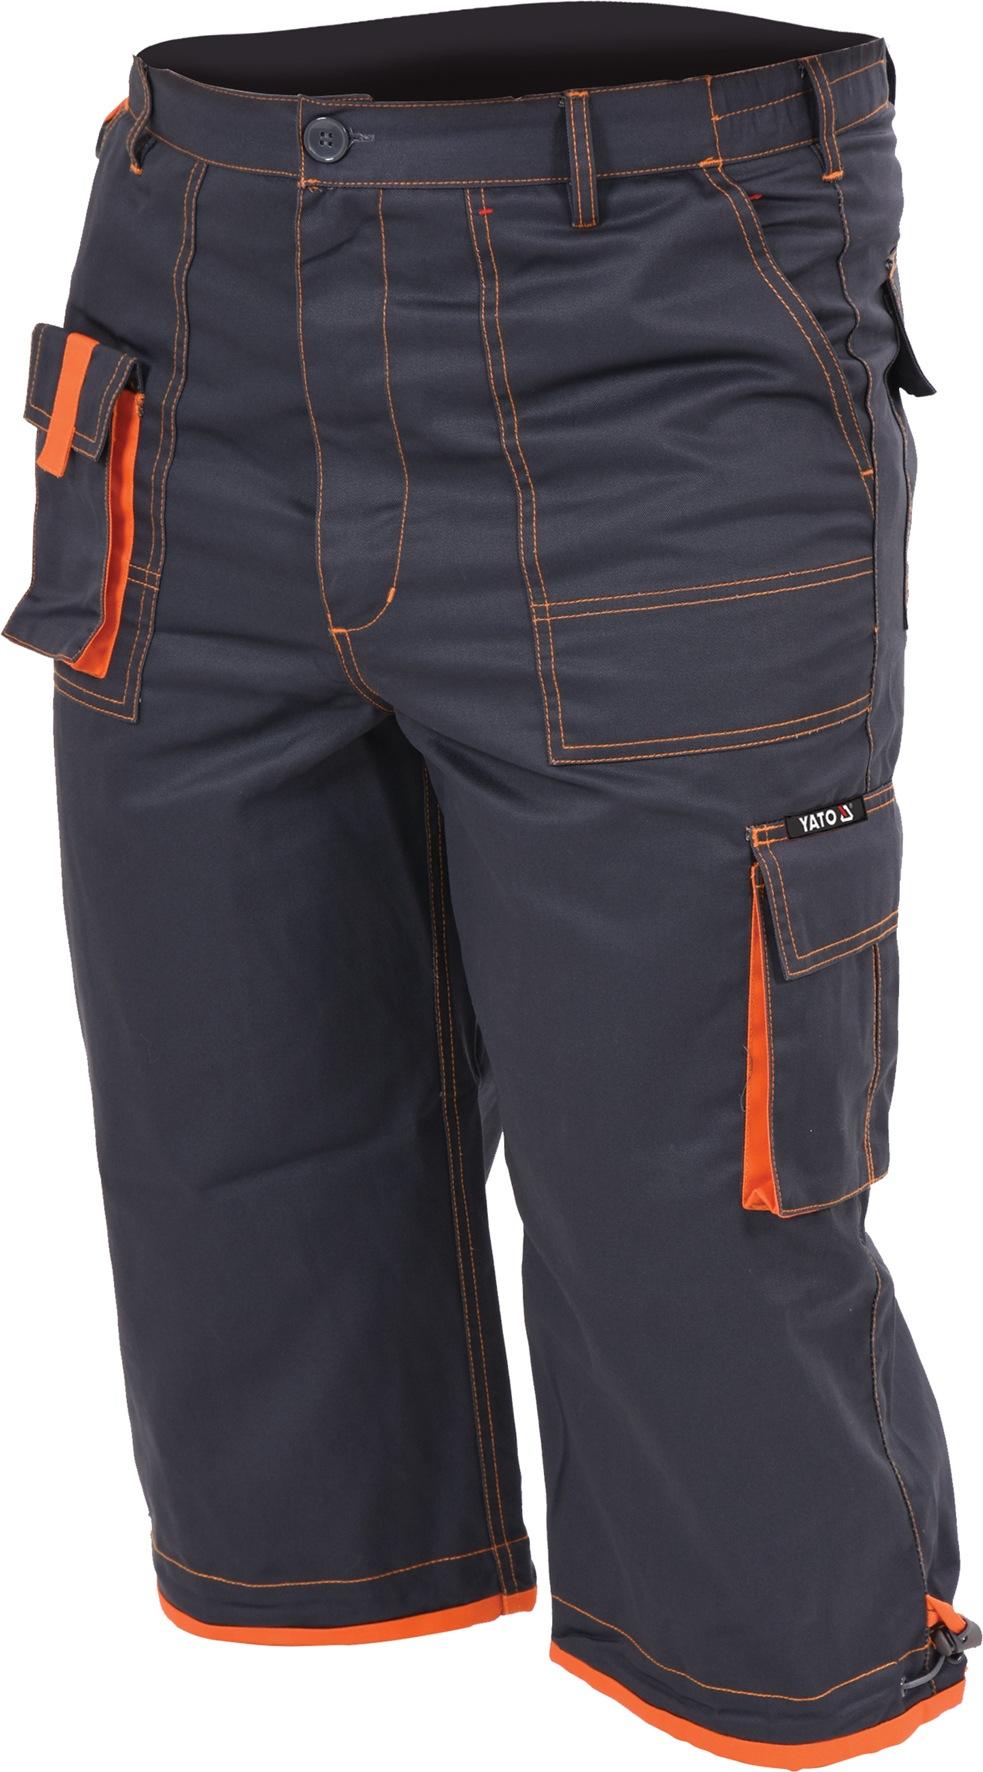 Pracovní kalhoty polokrátké vel. L/XL